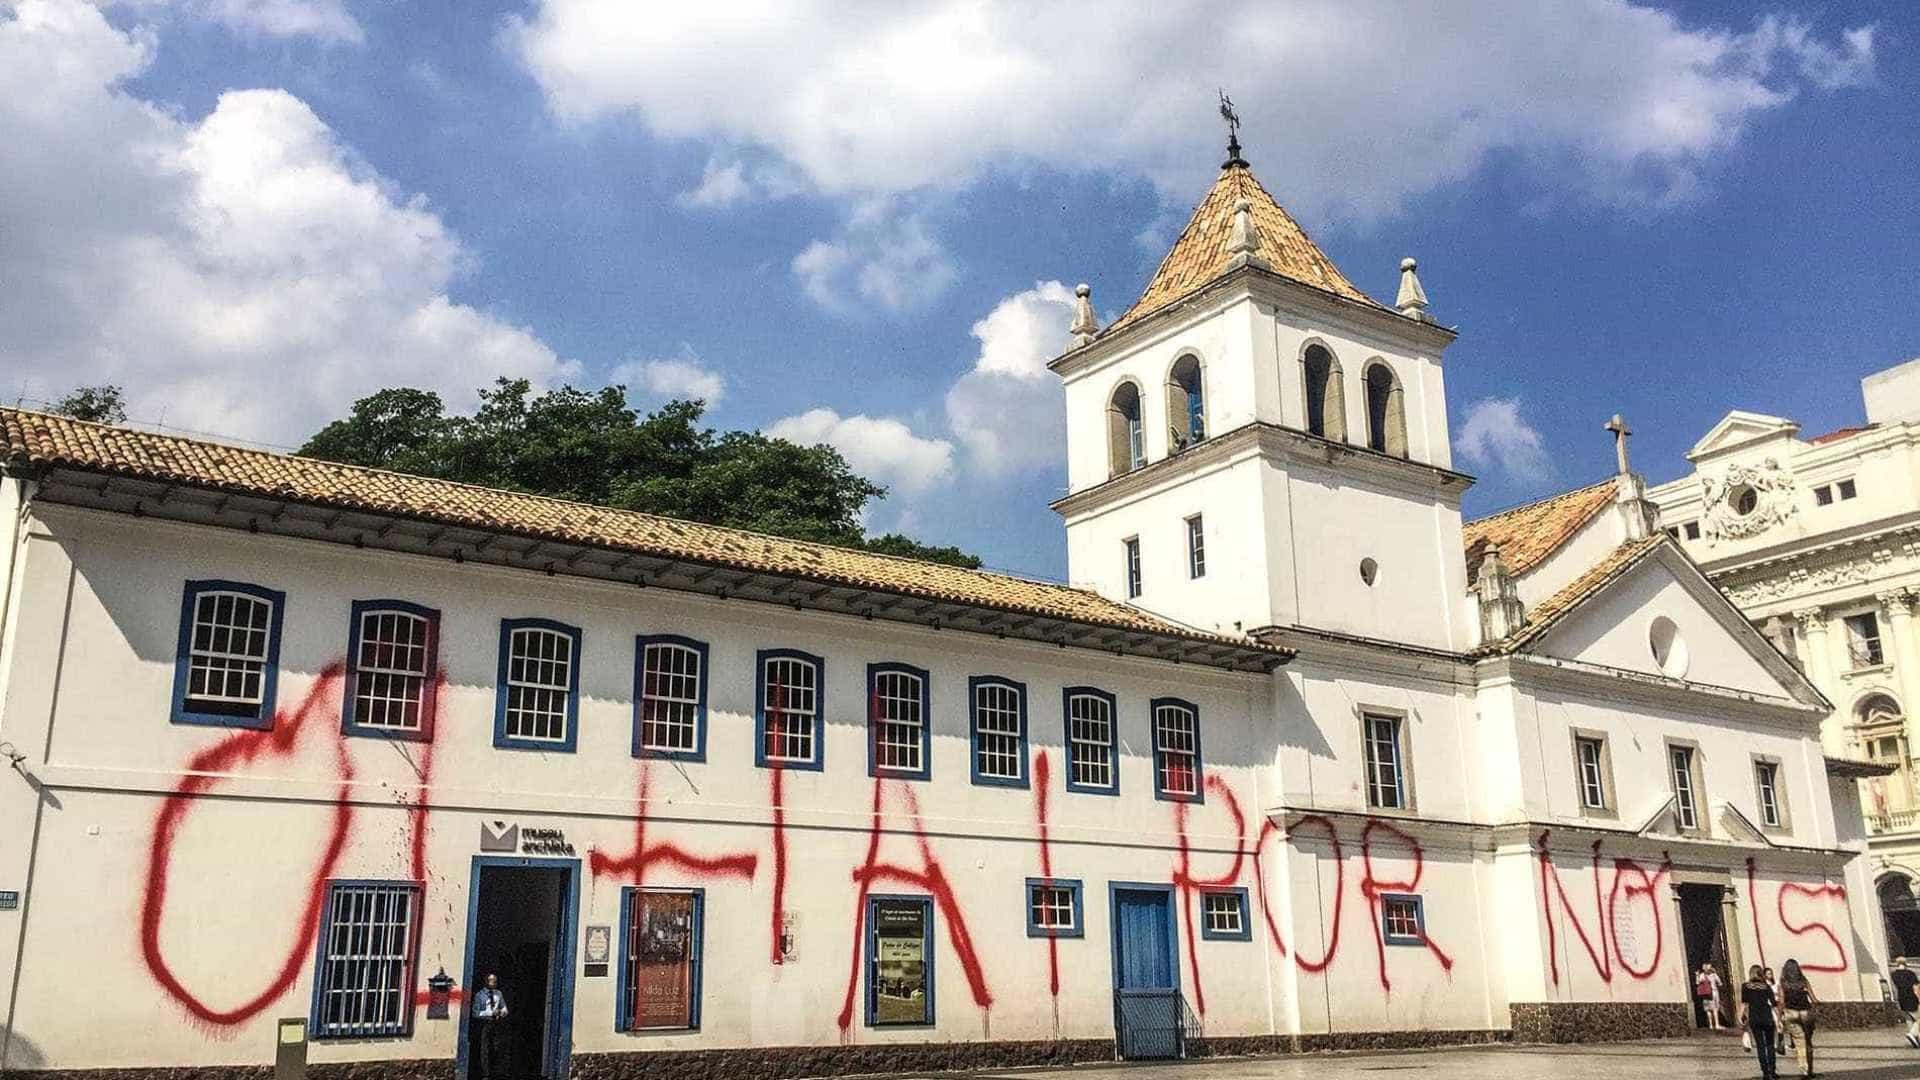 Polícia detém suspeitos de pichar fachada do Pateo do Collegio